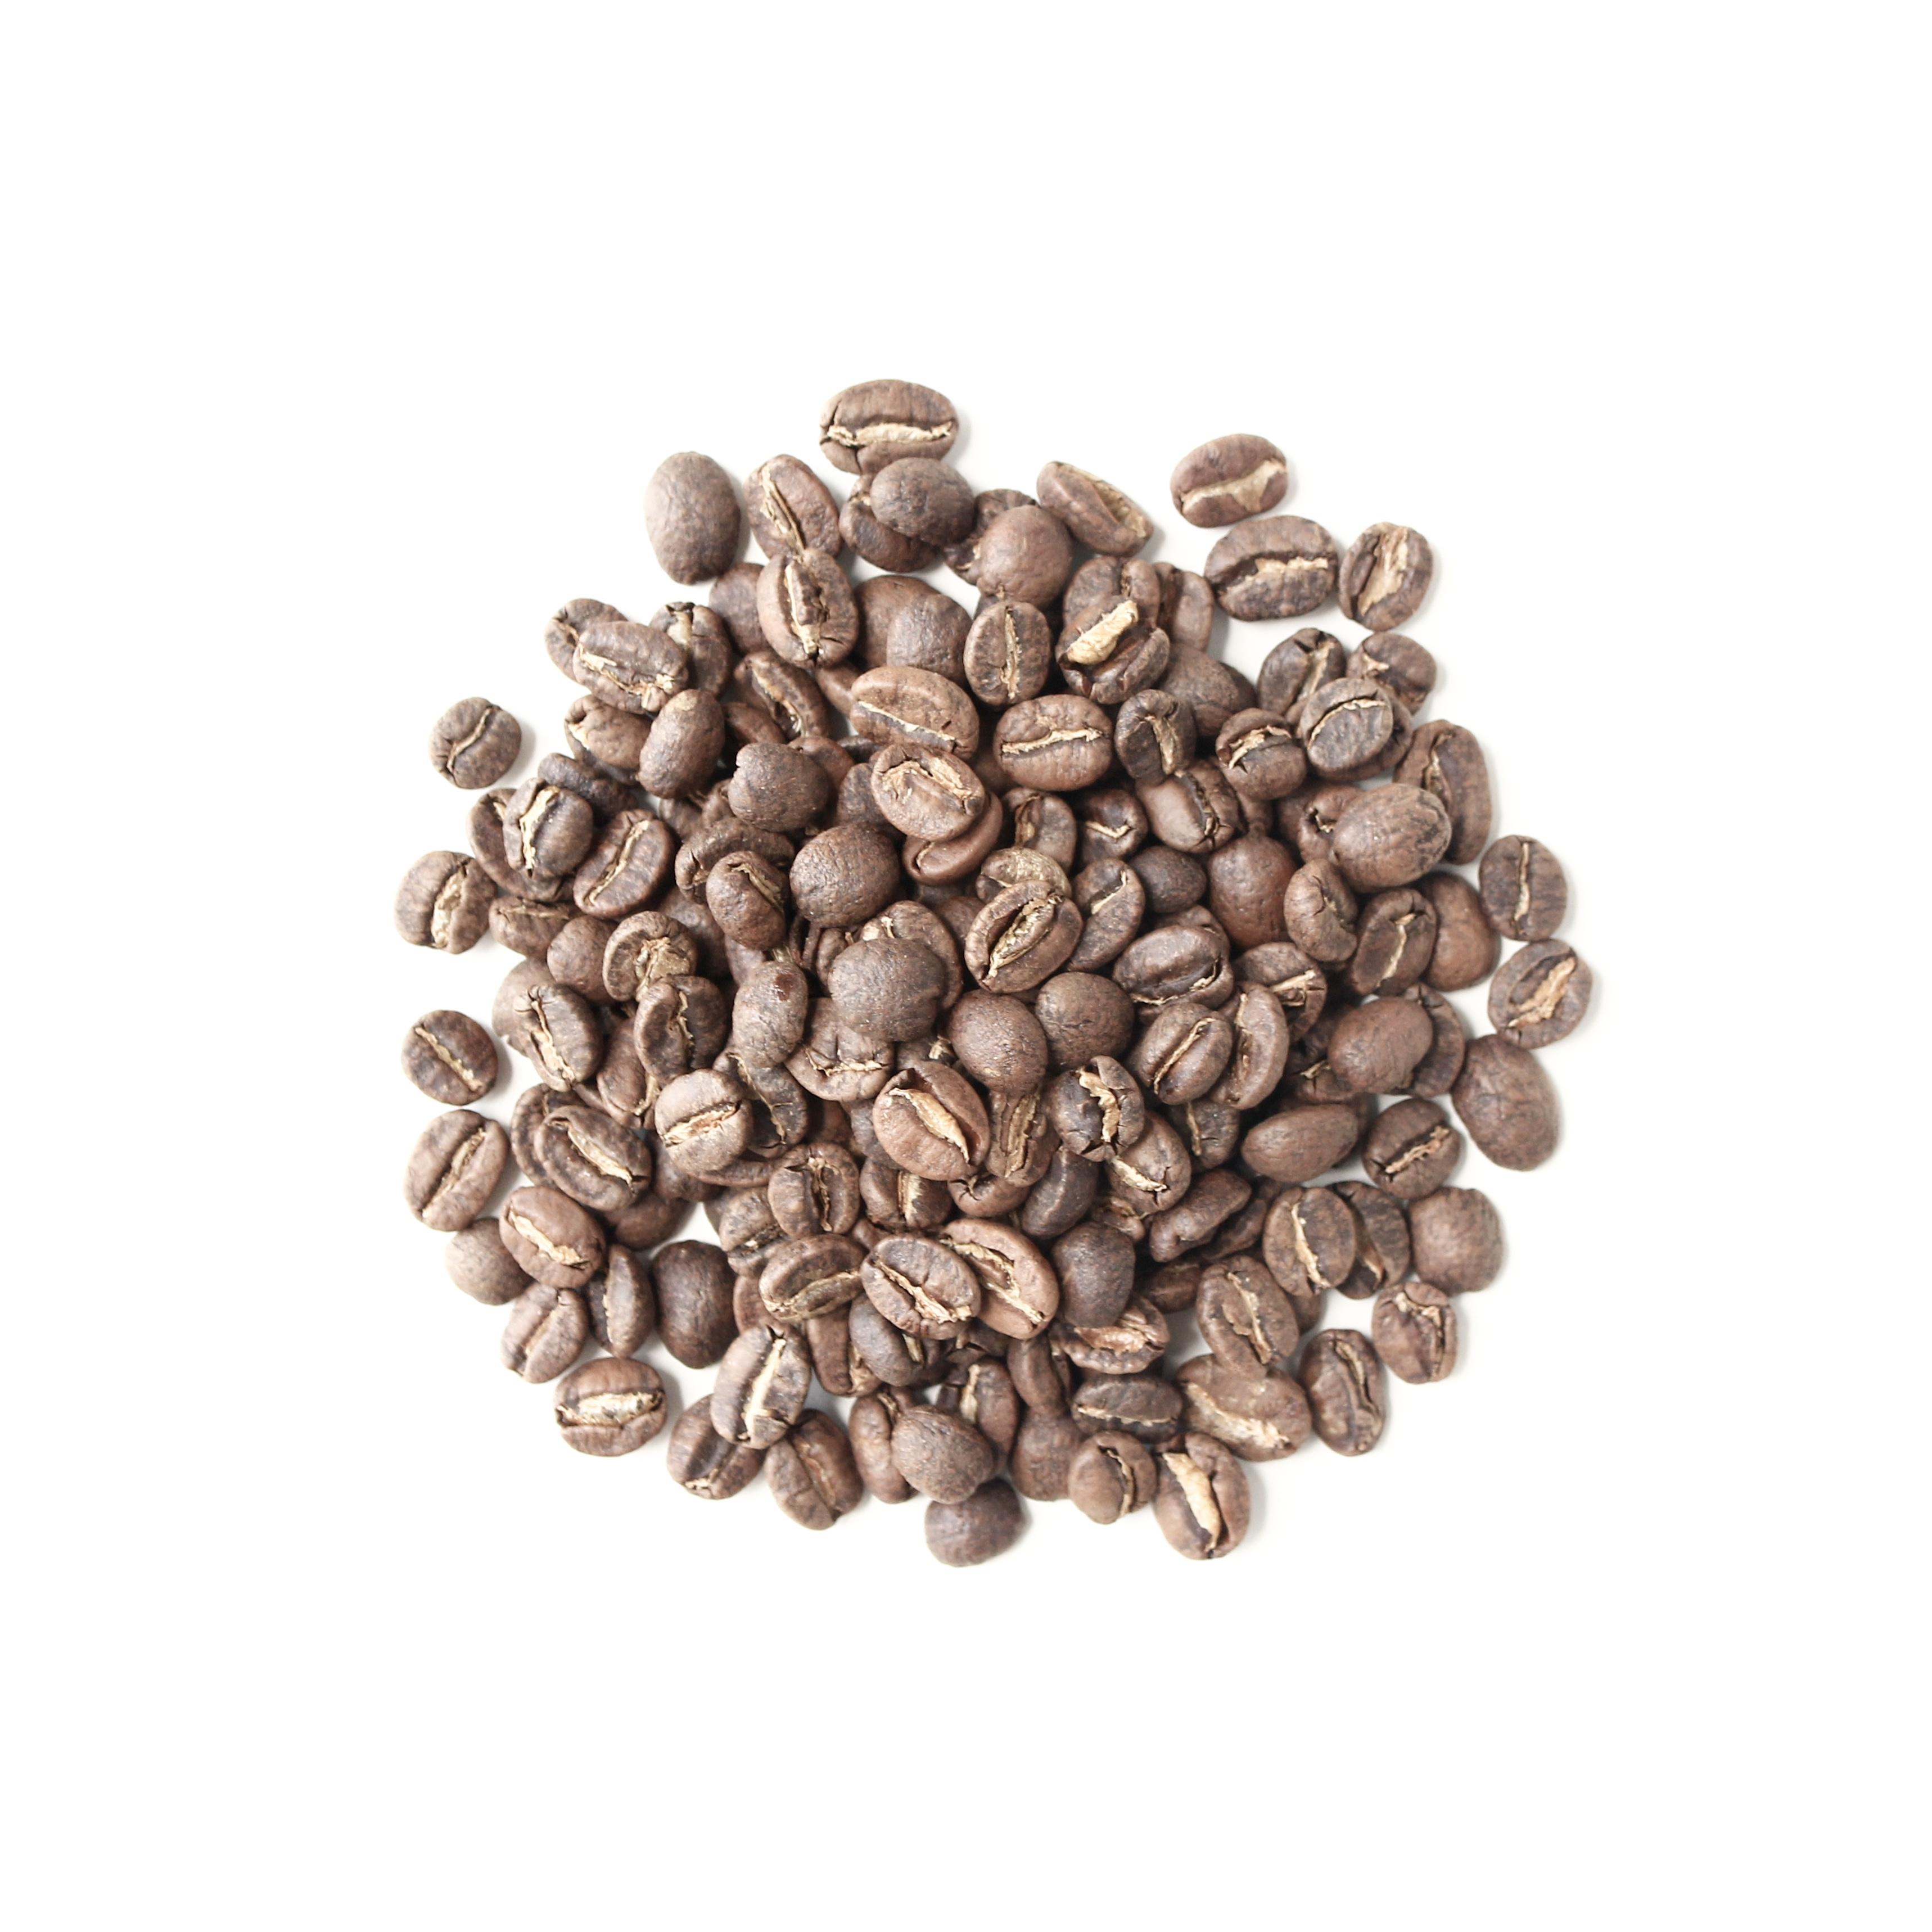 Single Origin Coffee Bean Subscription Bean Shipper